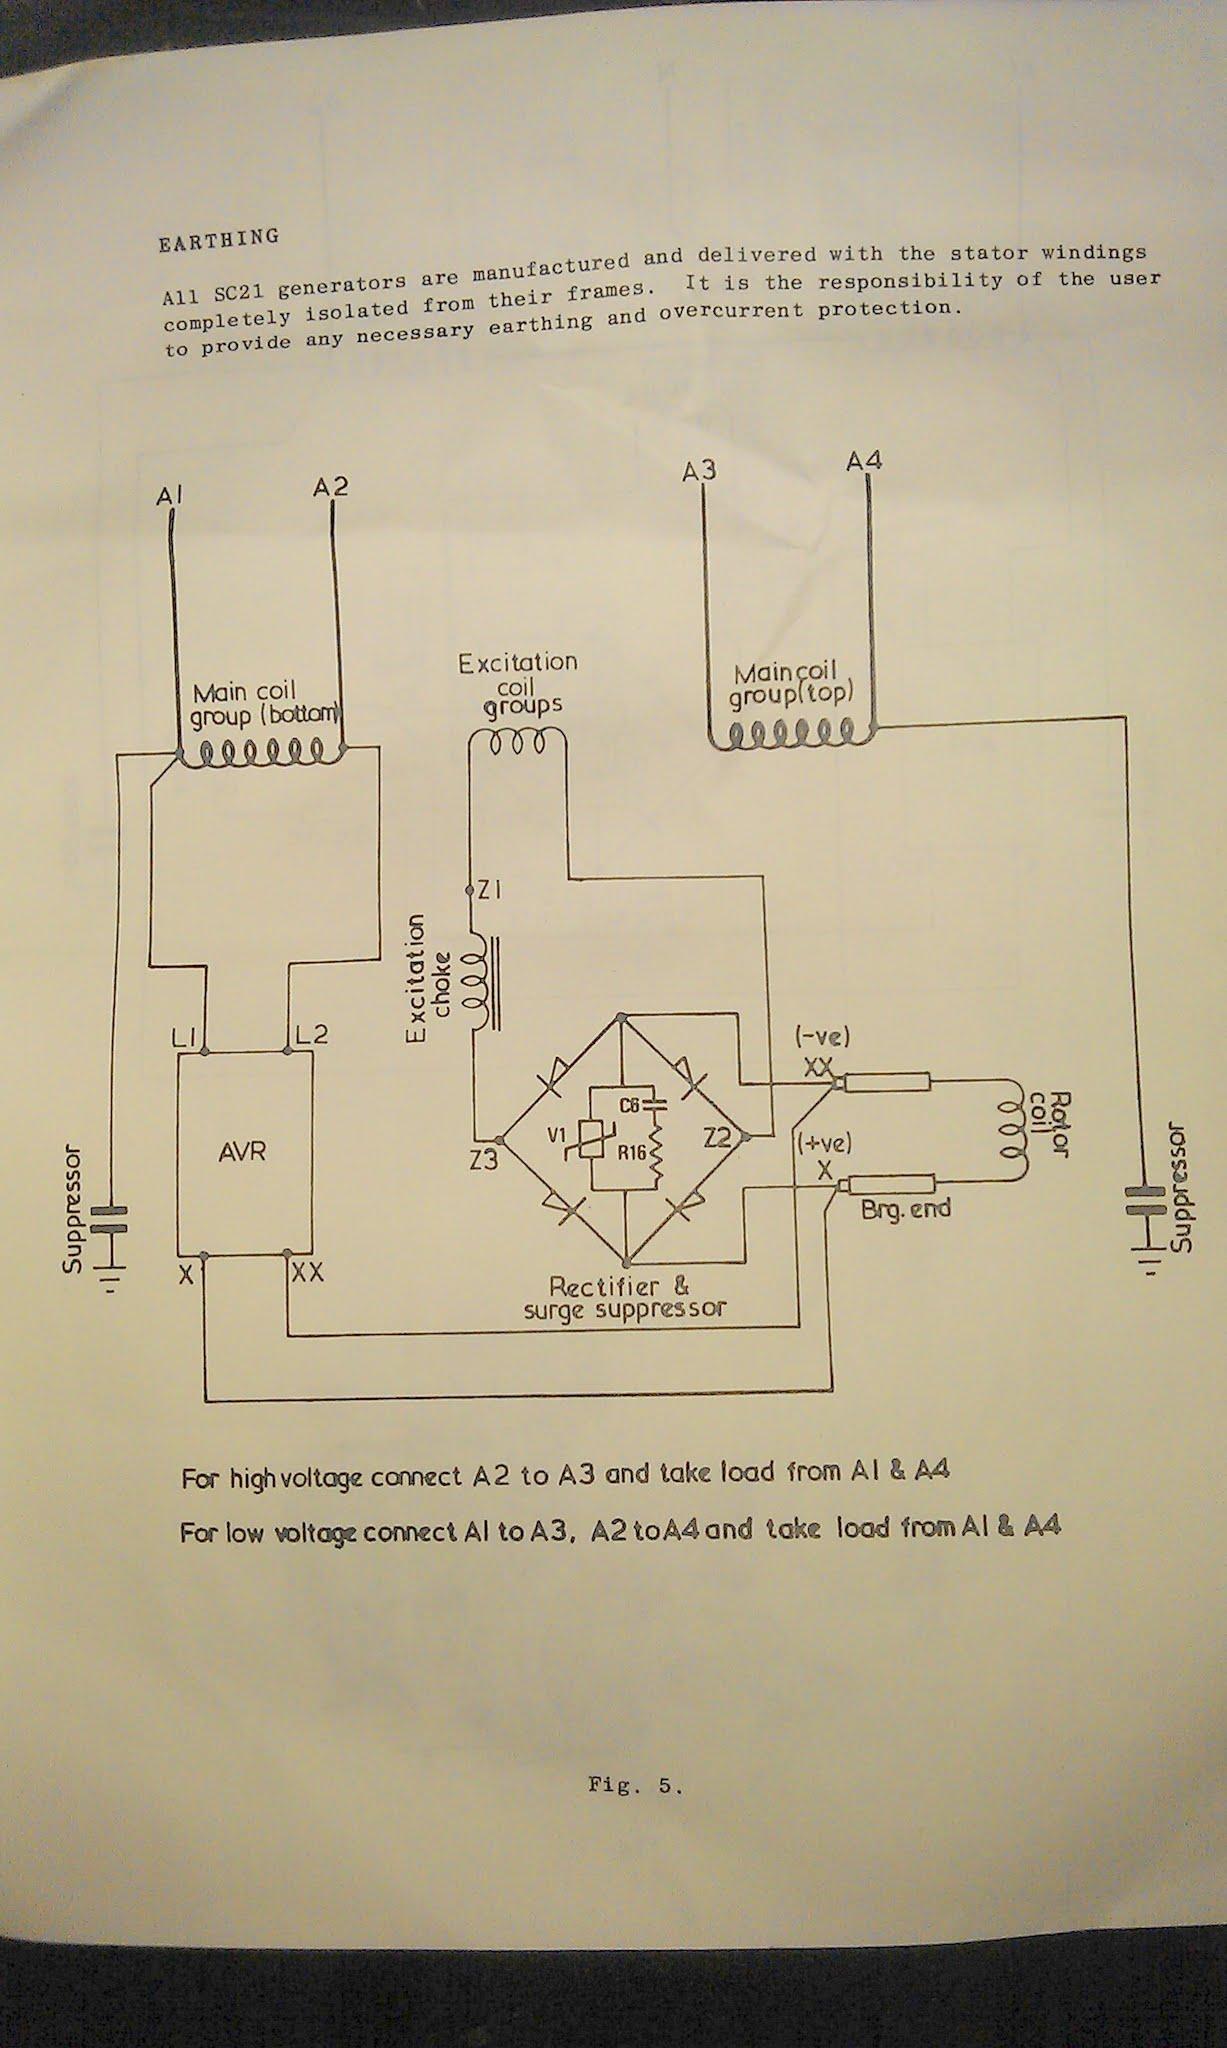 Markon Alternator Wiring Diagram : Markon alternator wiring diagram